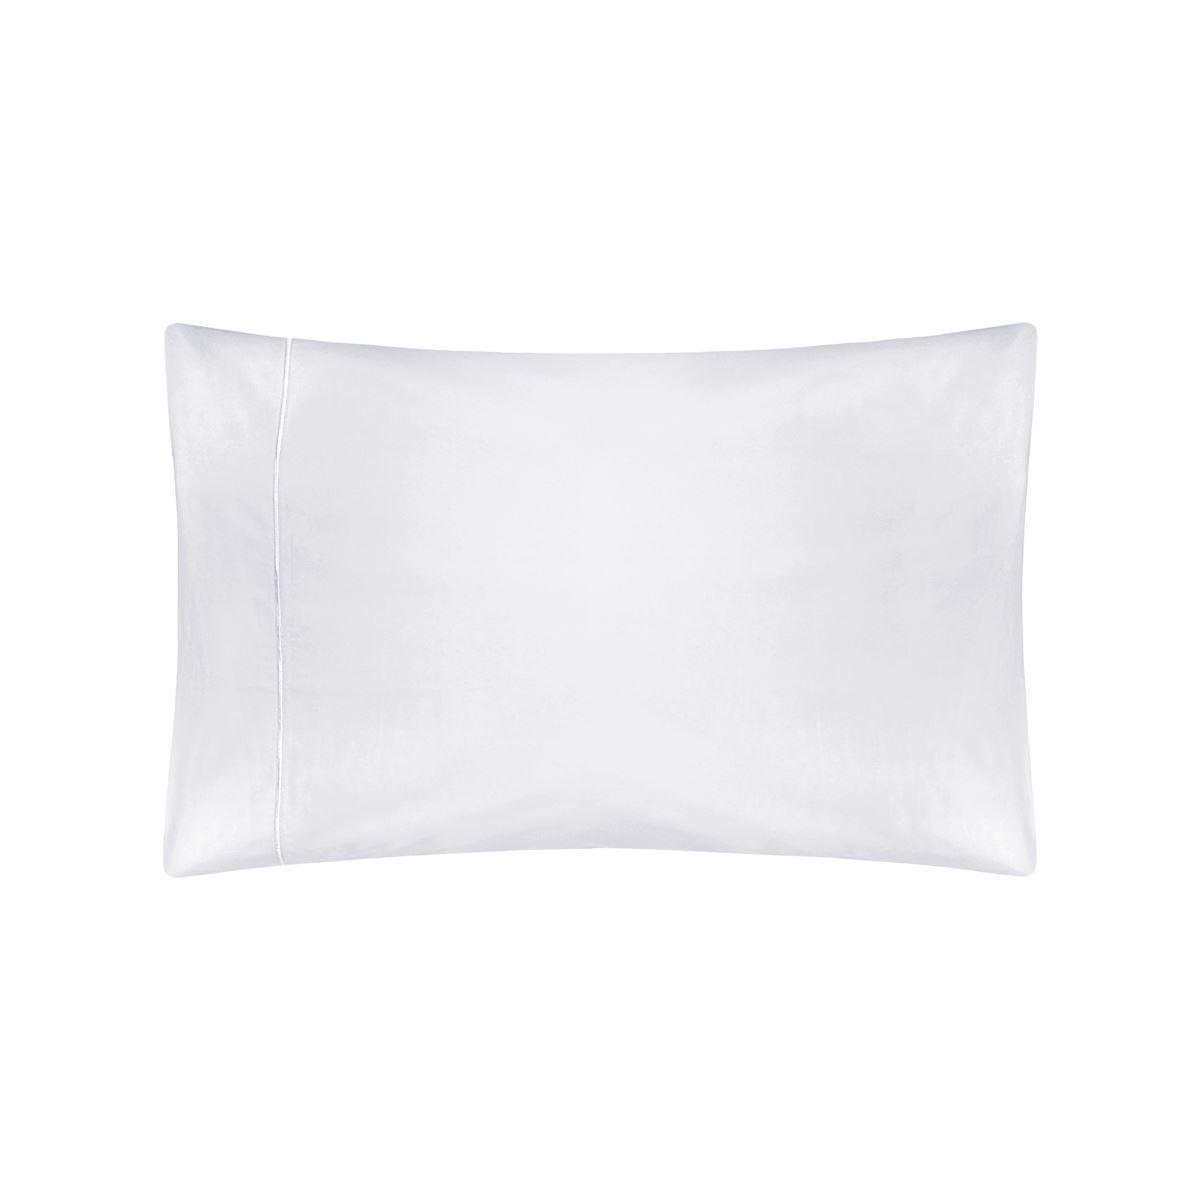 Belledorm Egyptian Cotton Pillowcase White